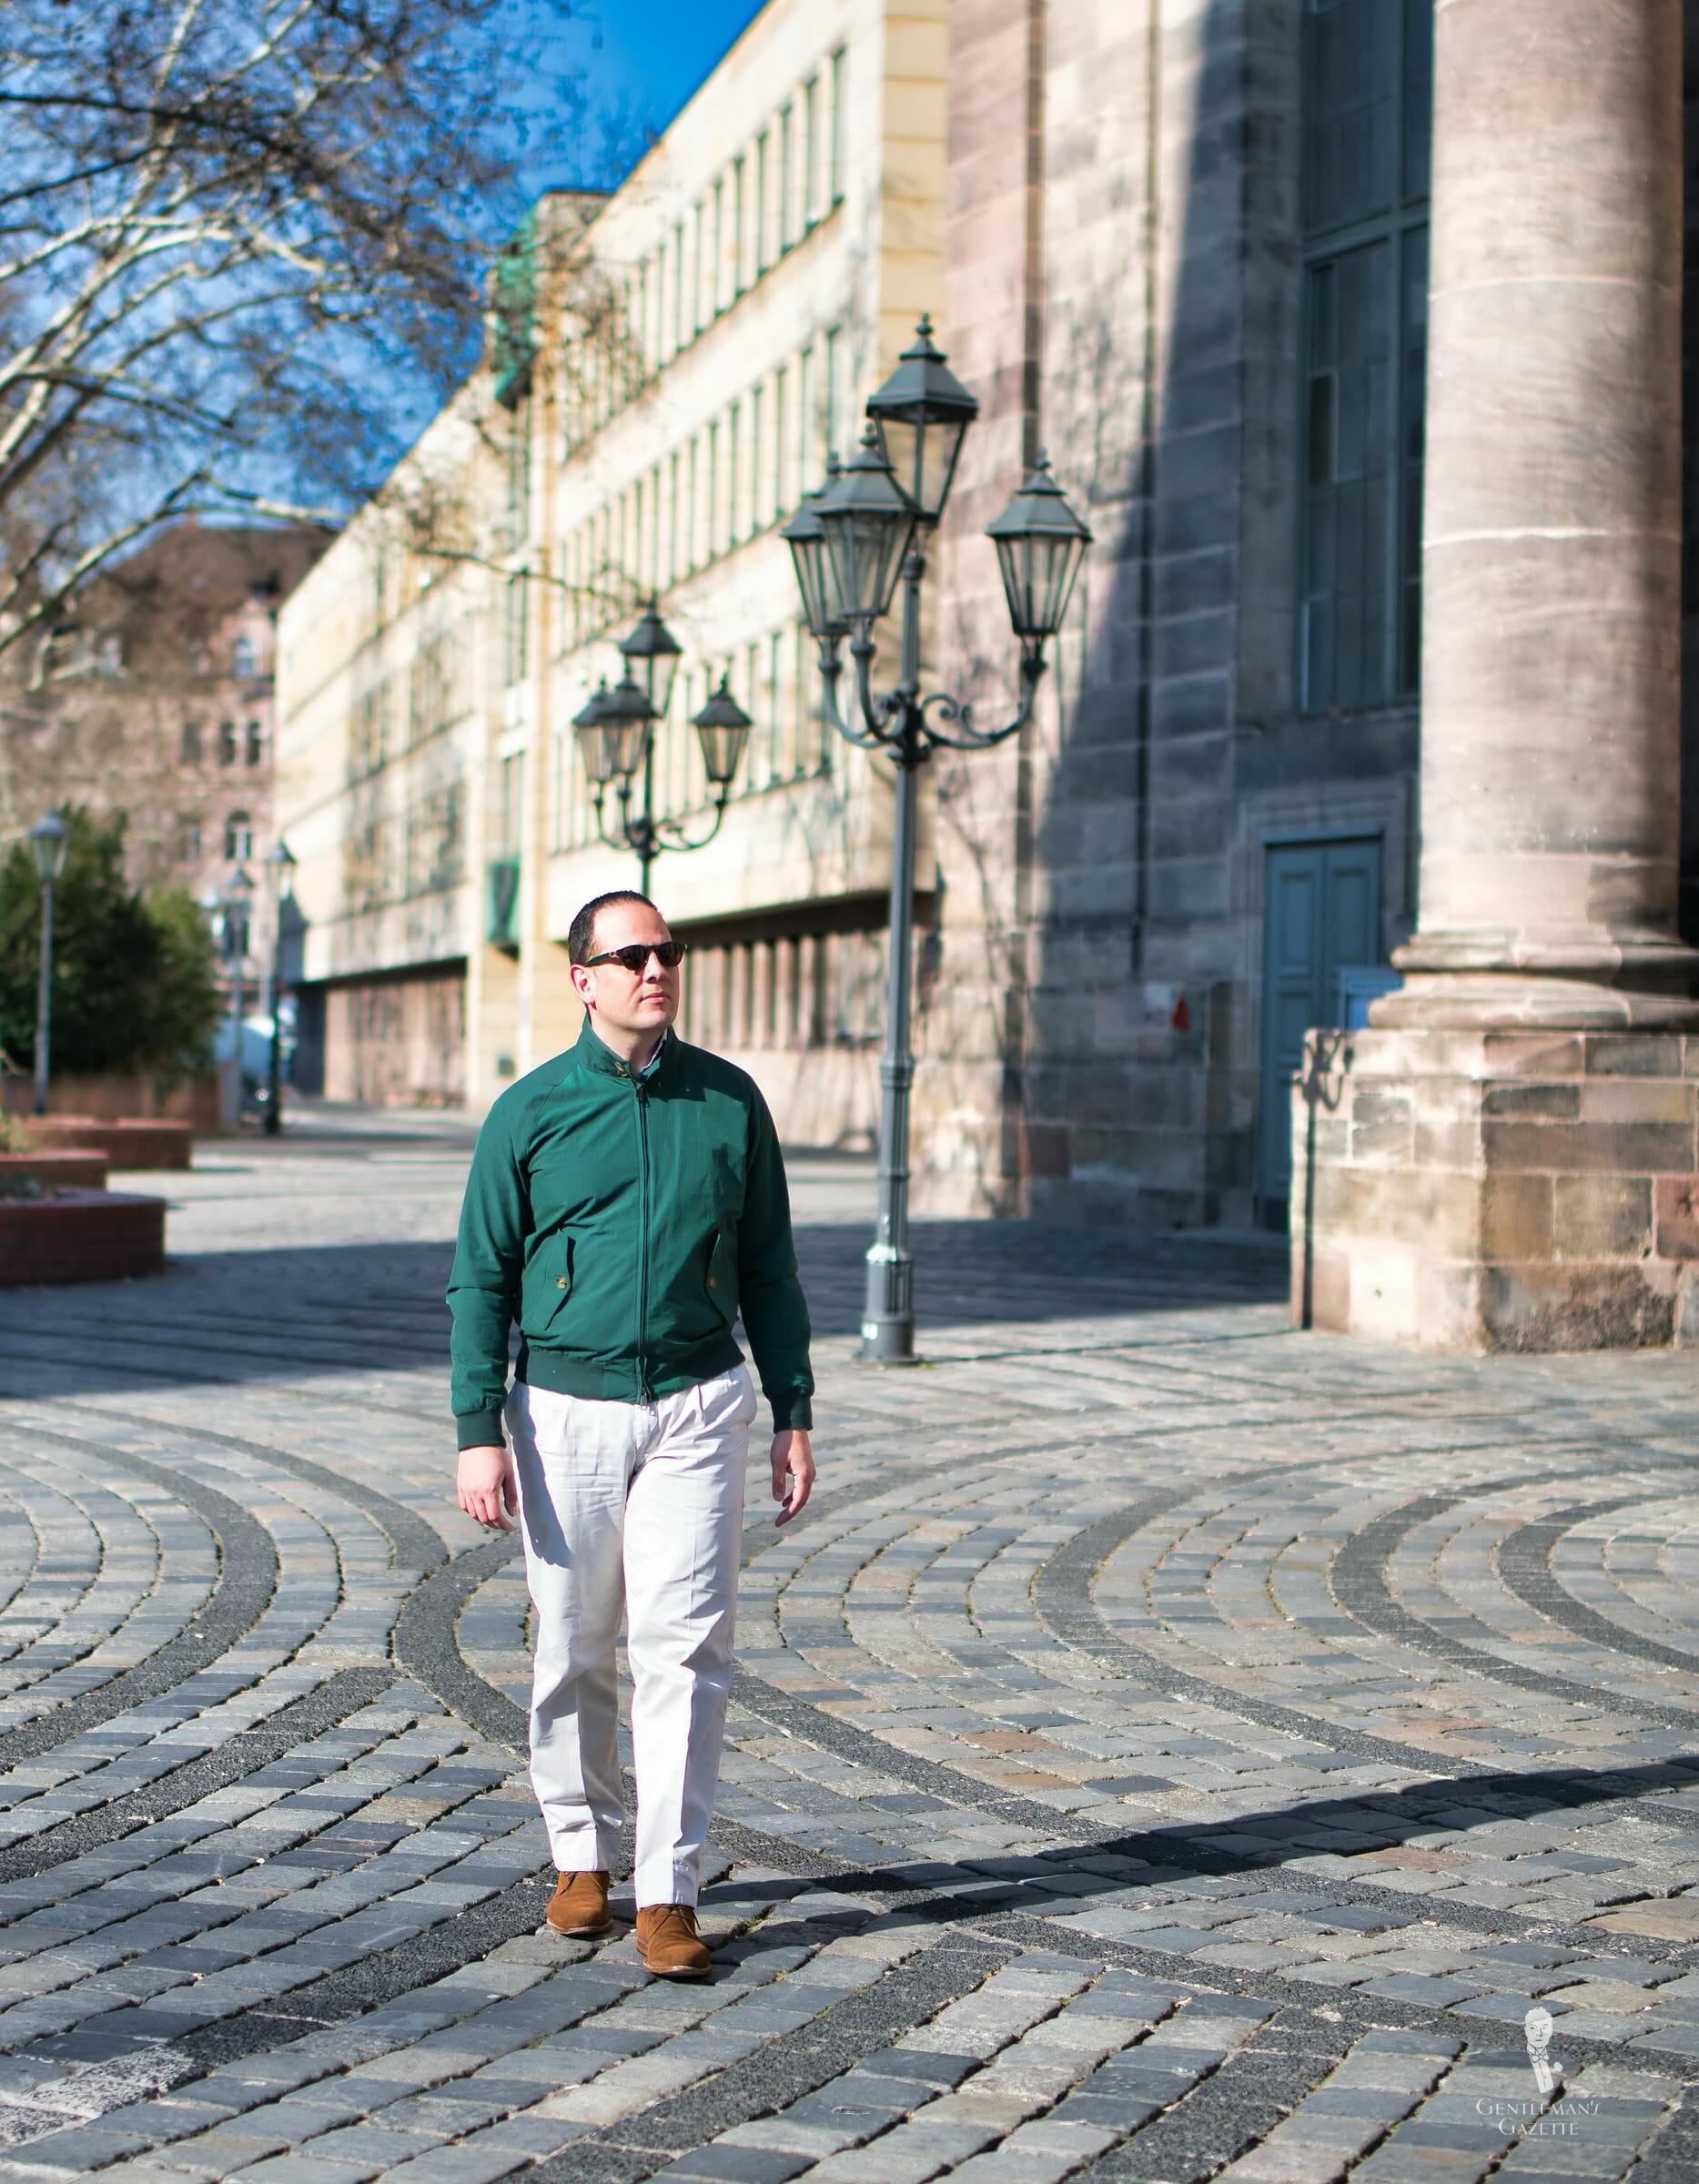 Sven Raphael Schneider in green Baracuta G9 Harrington Jacket with Chino